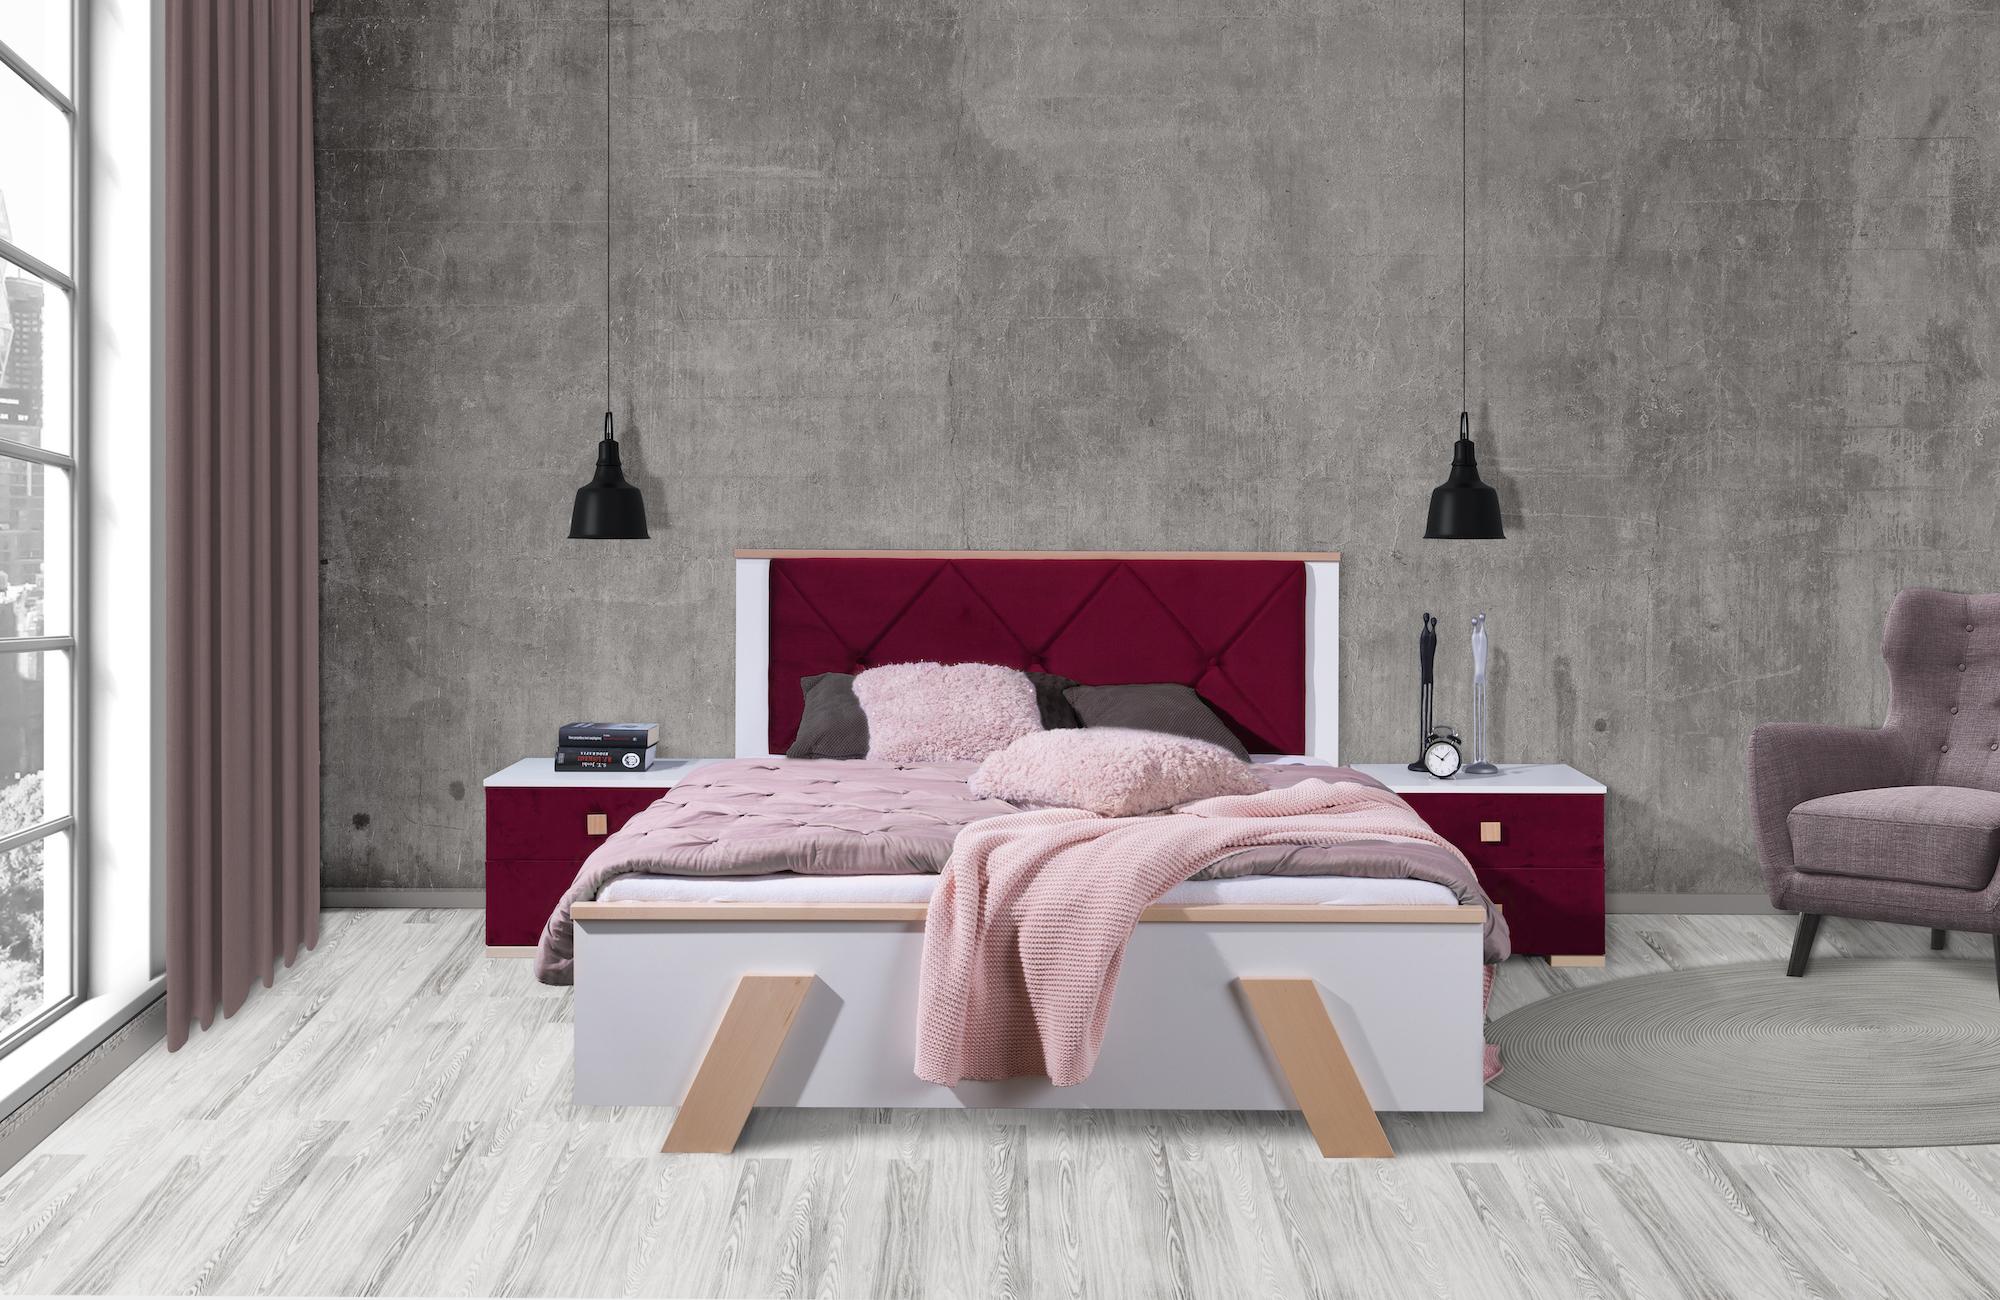 ArtBed Manželská posteľ Arona Prevedenie: 160 x 200 cm